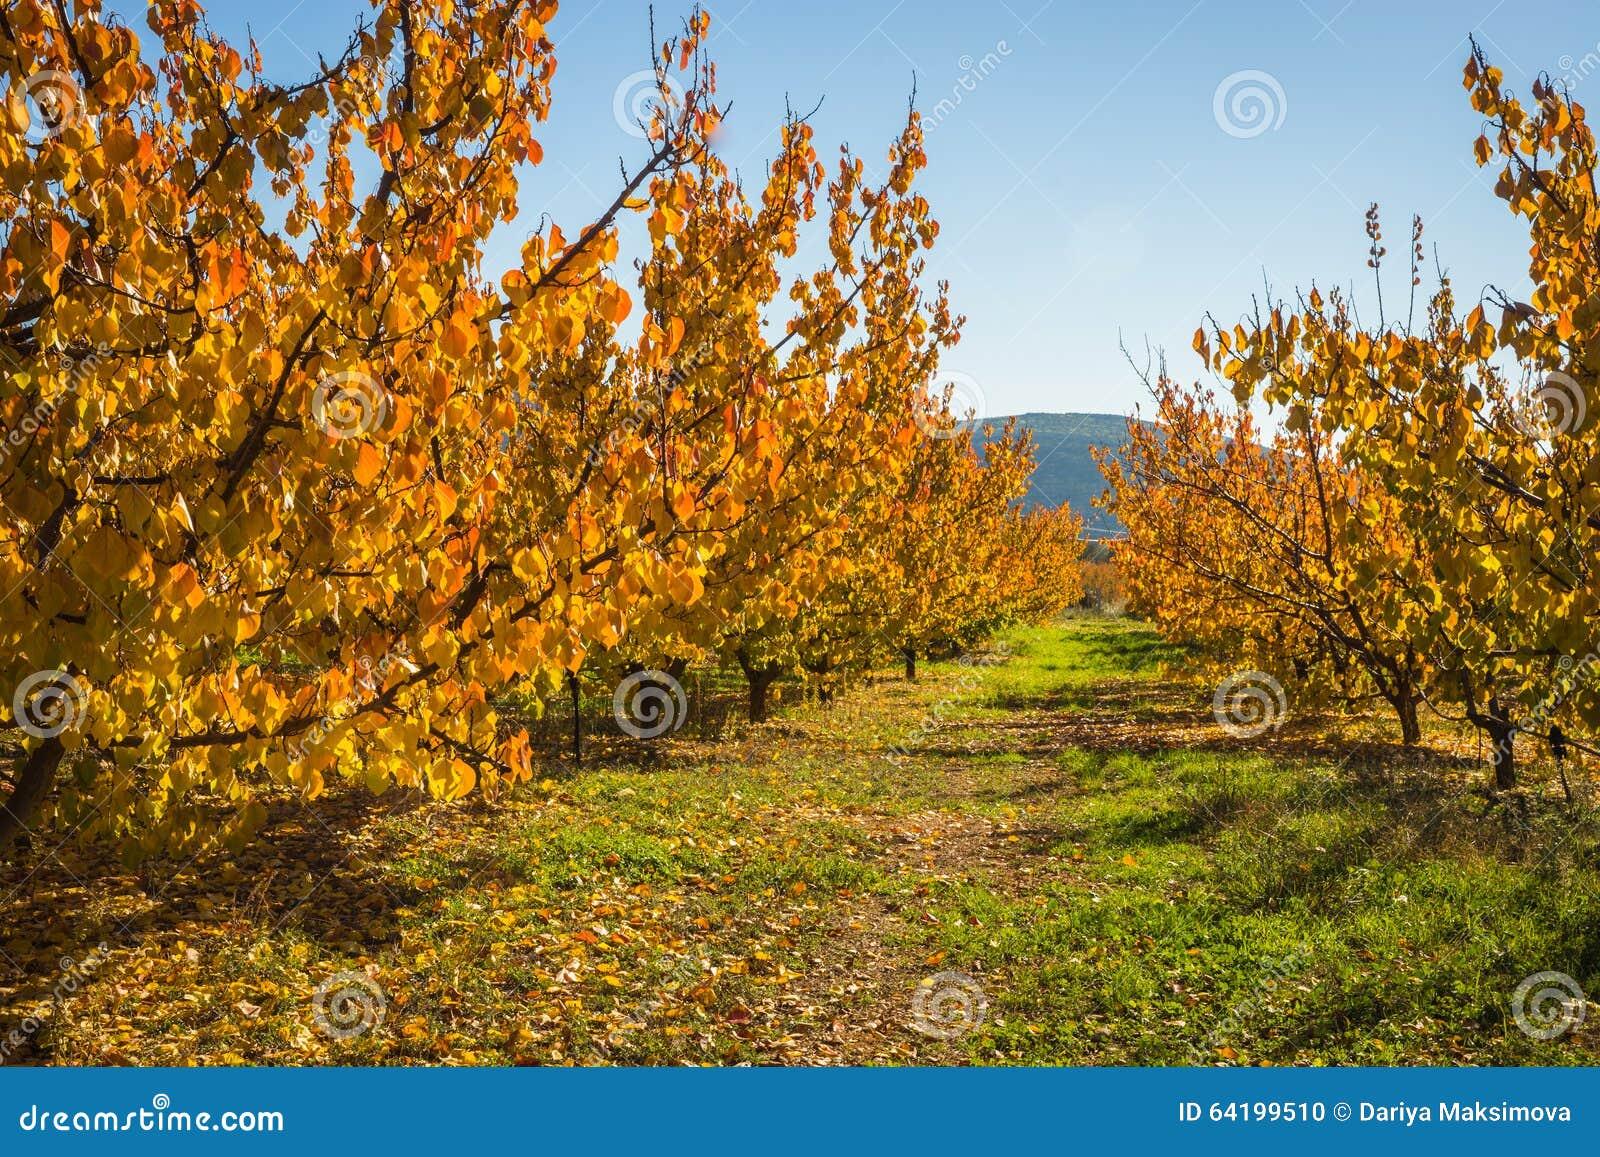 arbres fruitiers en automne sur un flanc de coteau dans. Black Bedroom Furniture Sets. Home Design Ideas